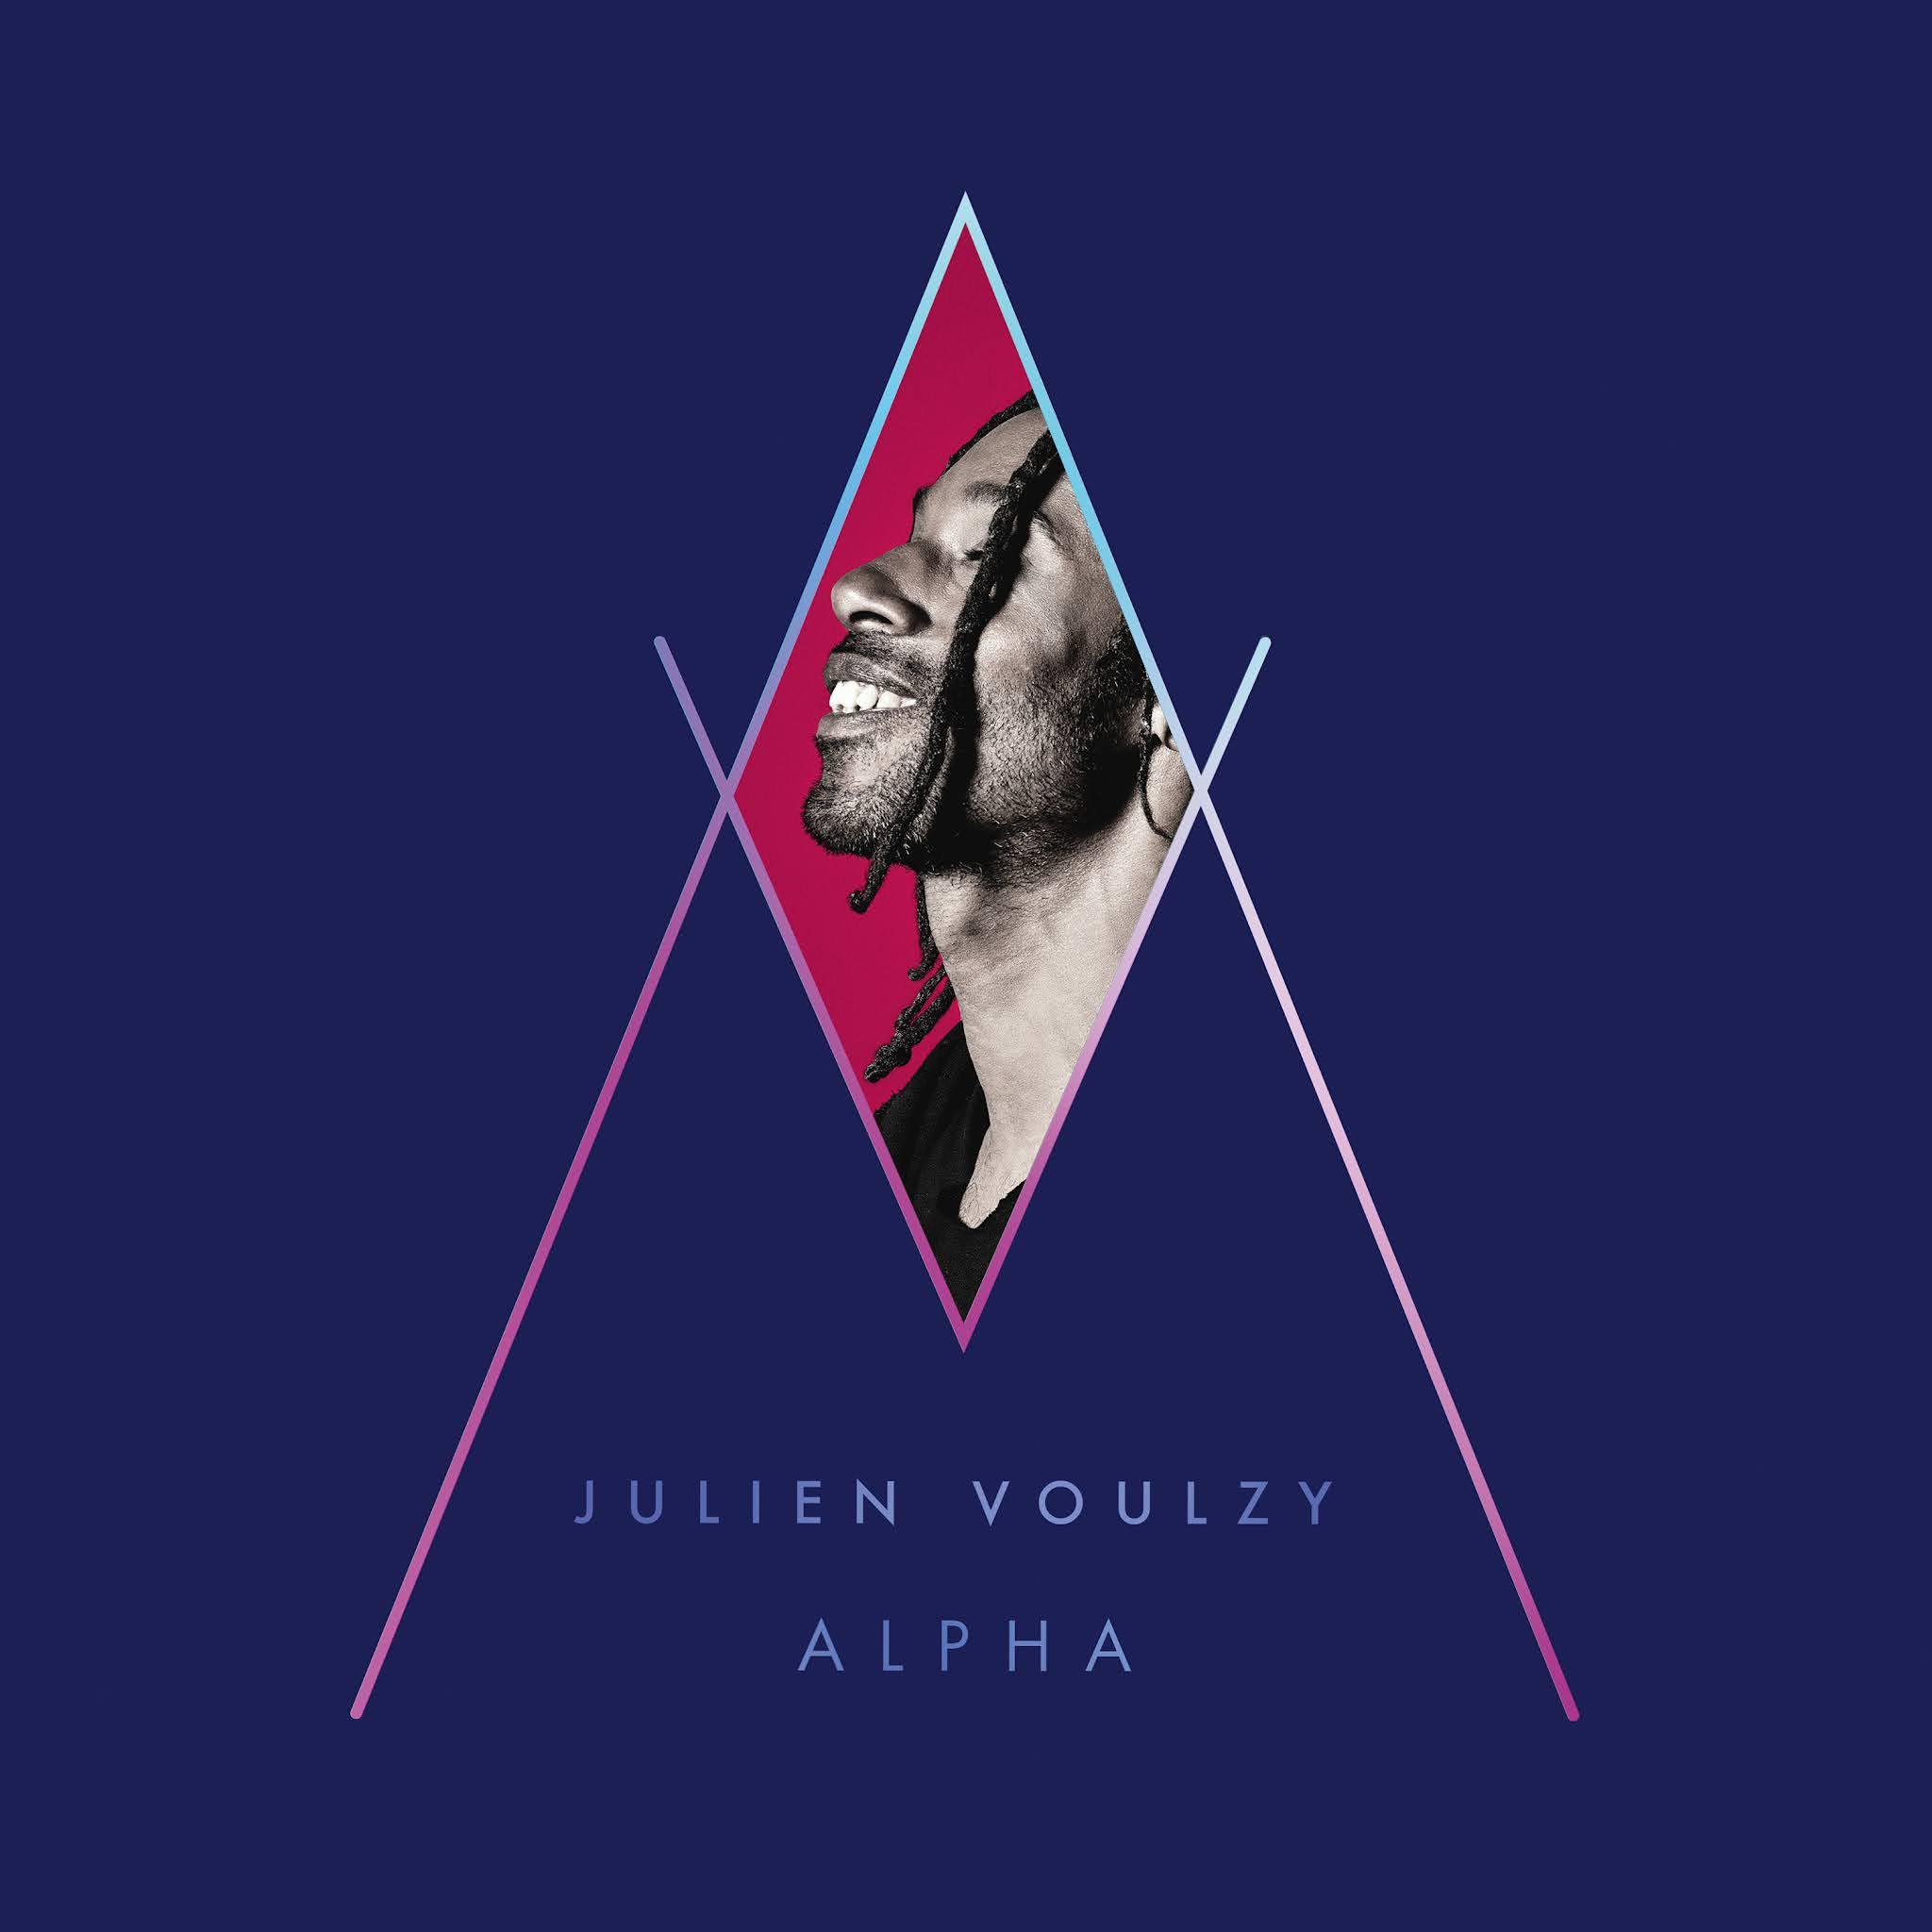 Alpha album Julien Voulzy